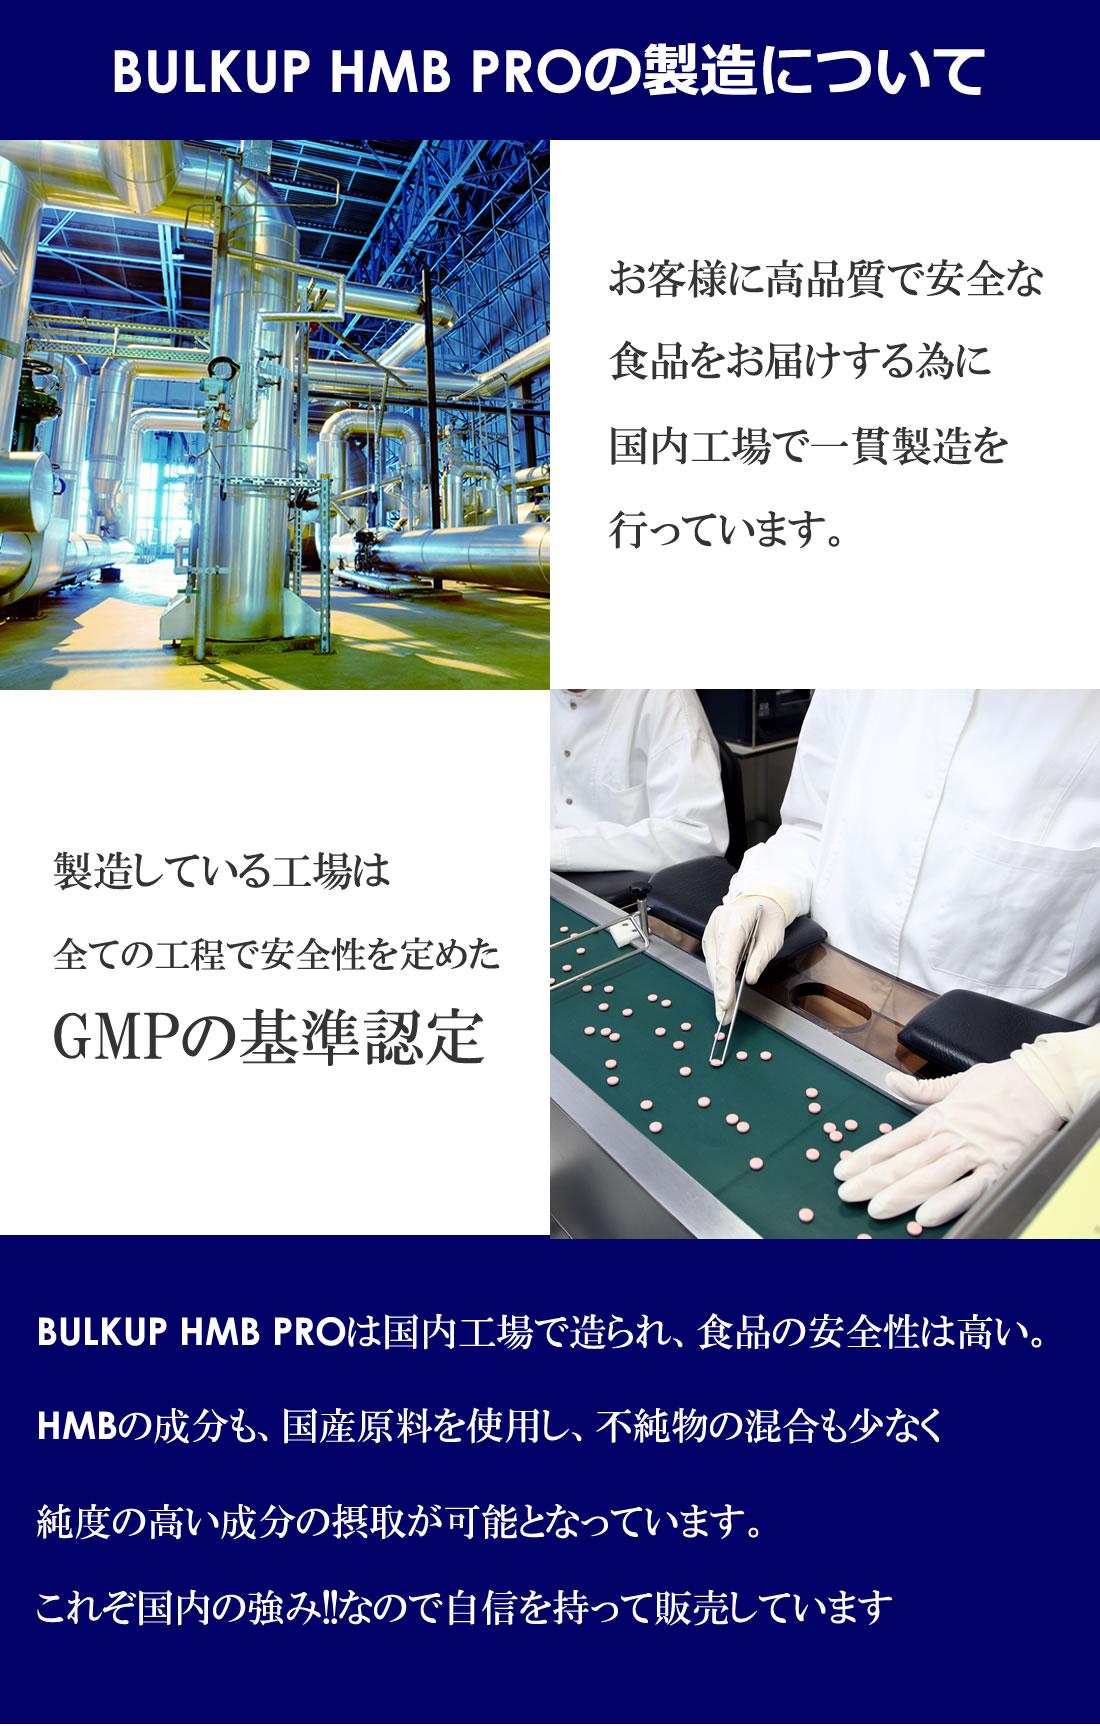 バルクアップHMBプロの製造工場